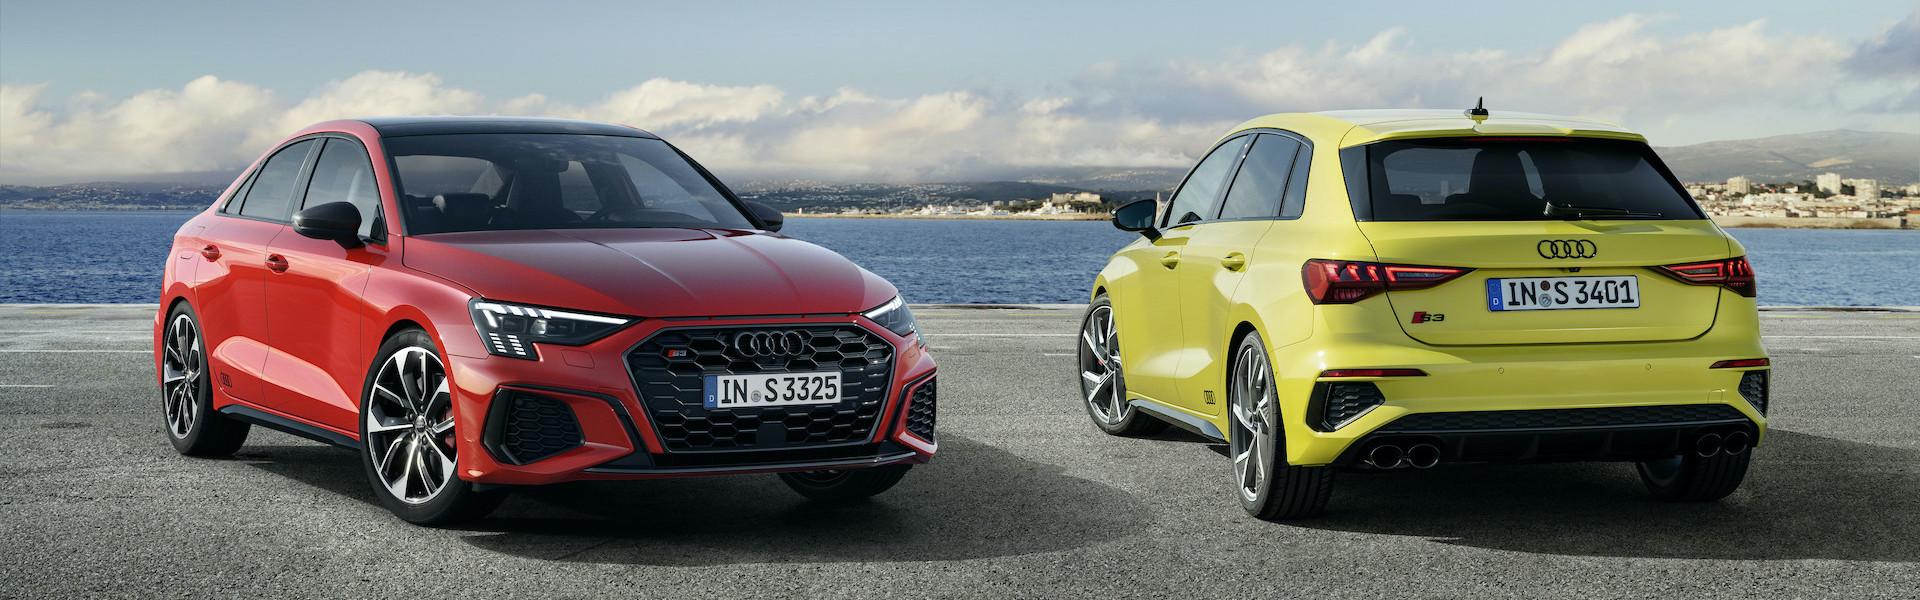 Audi S3 sportback in Audi S3 limuzina